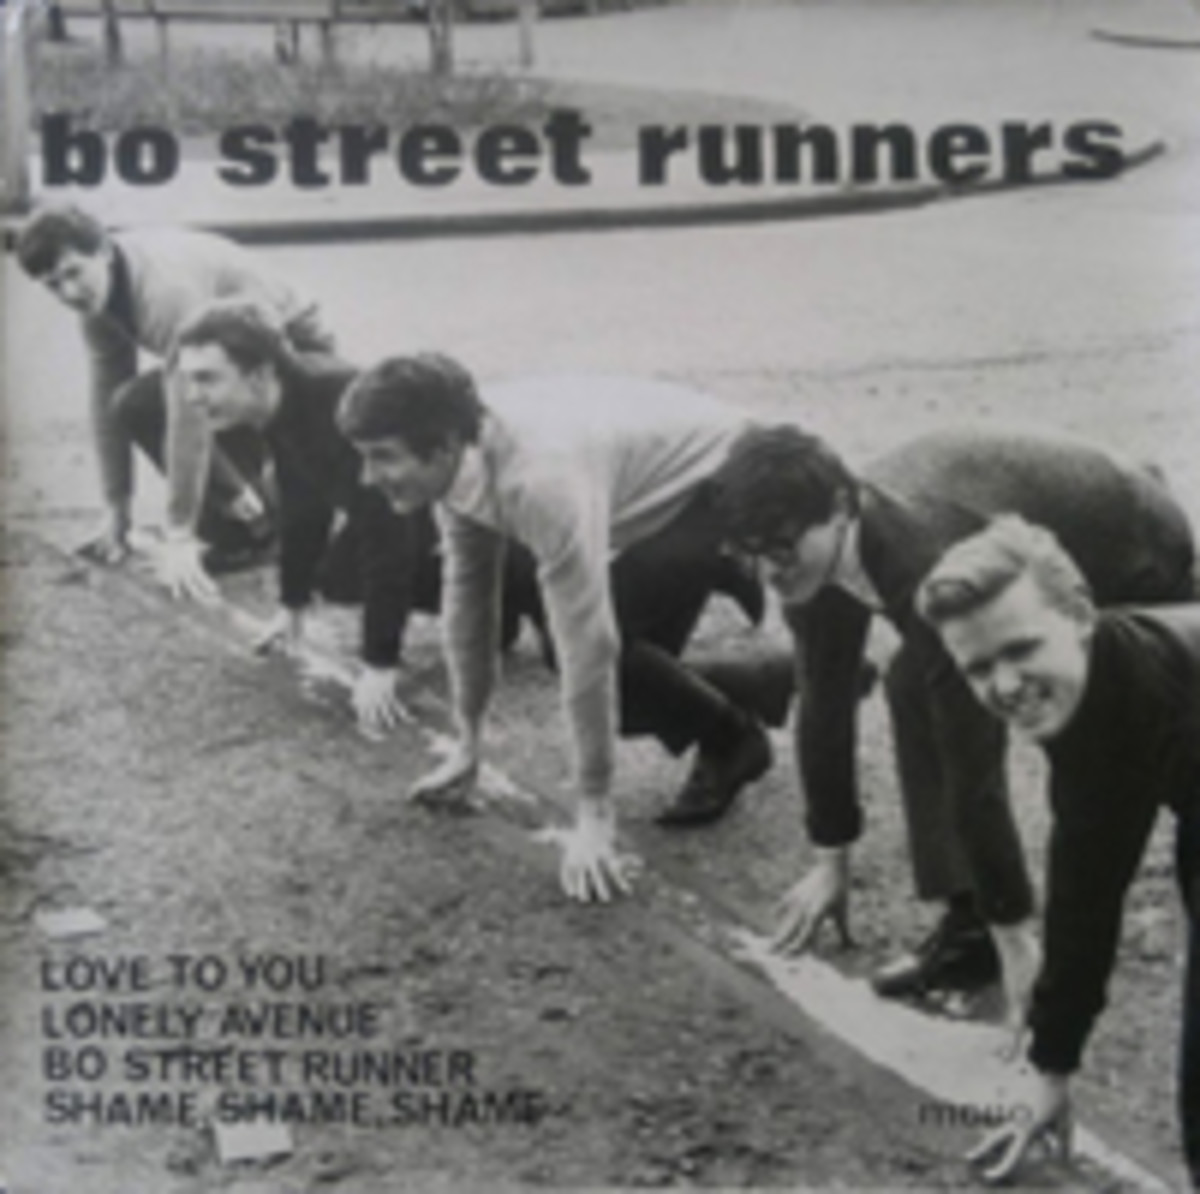 Bo Street Runners EP